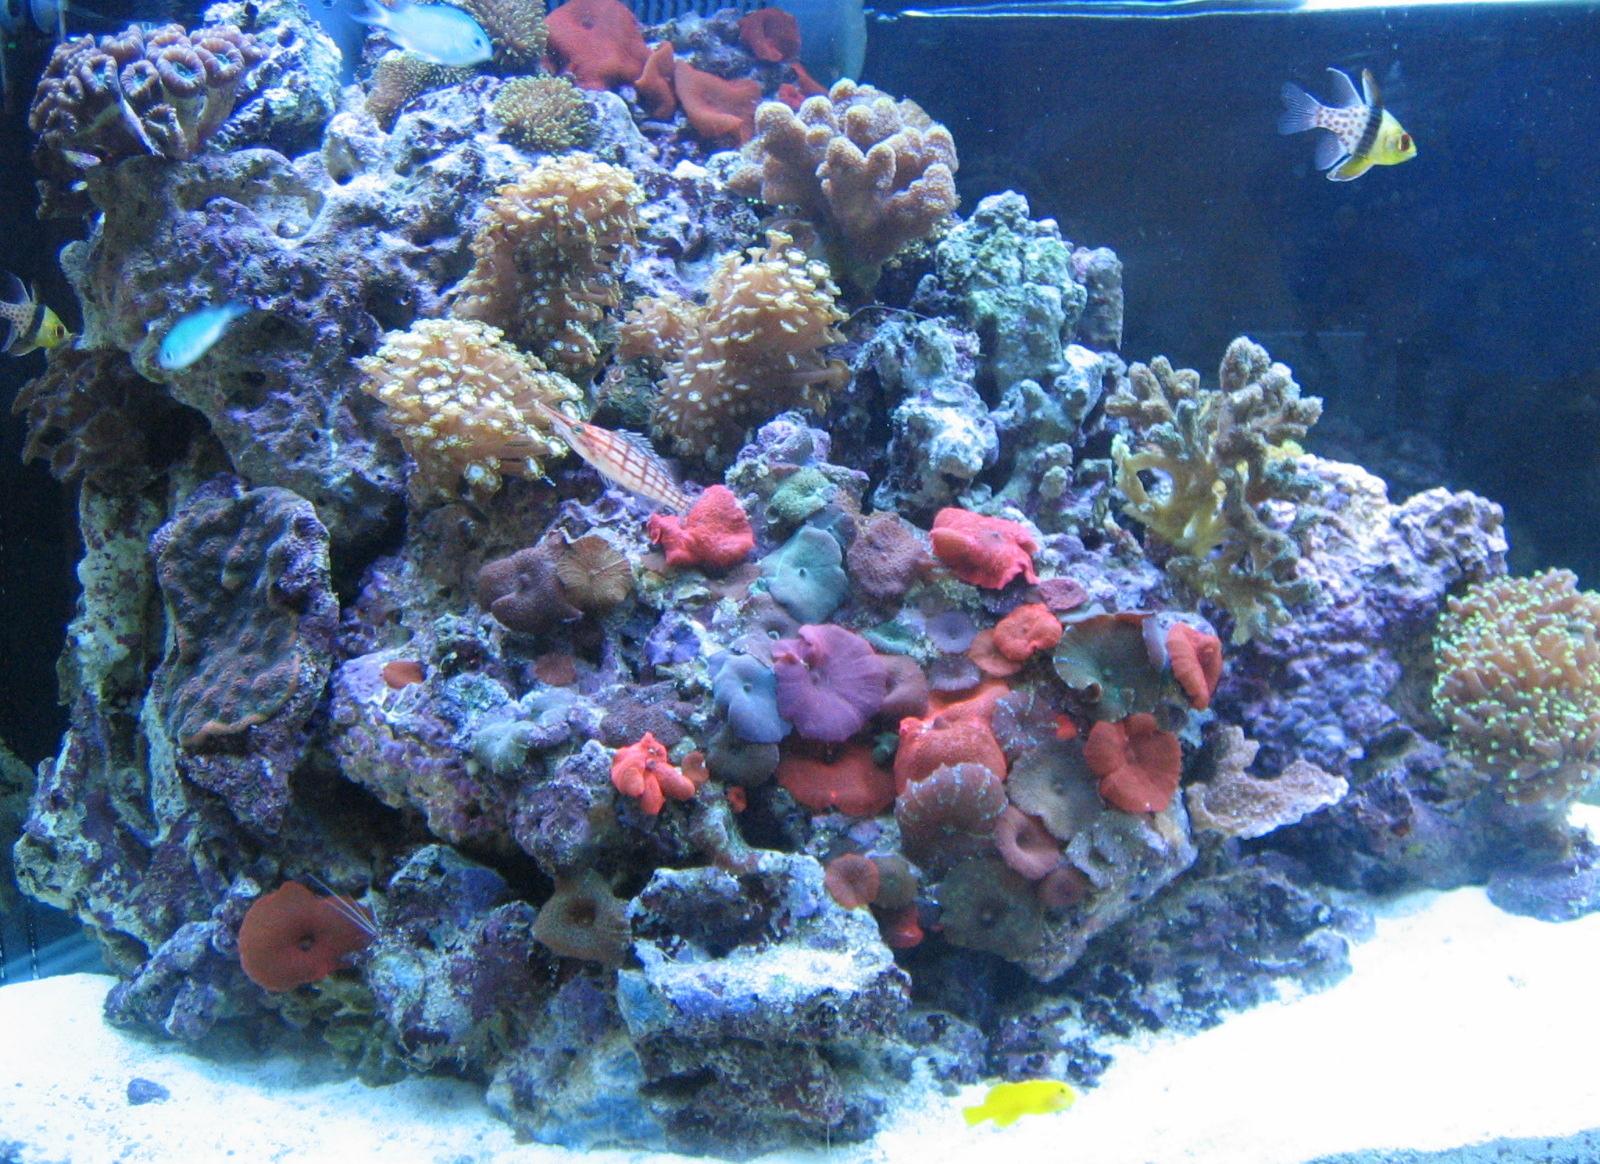 aquari-3_0-reef.jpg